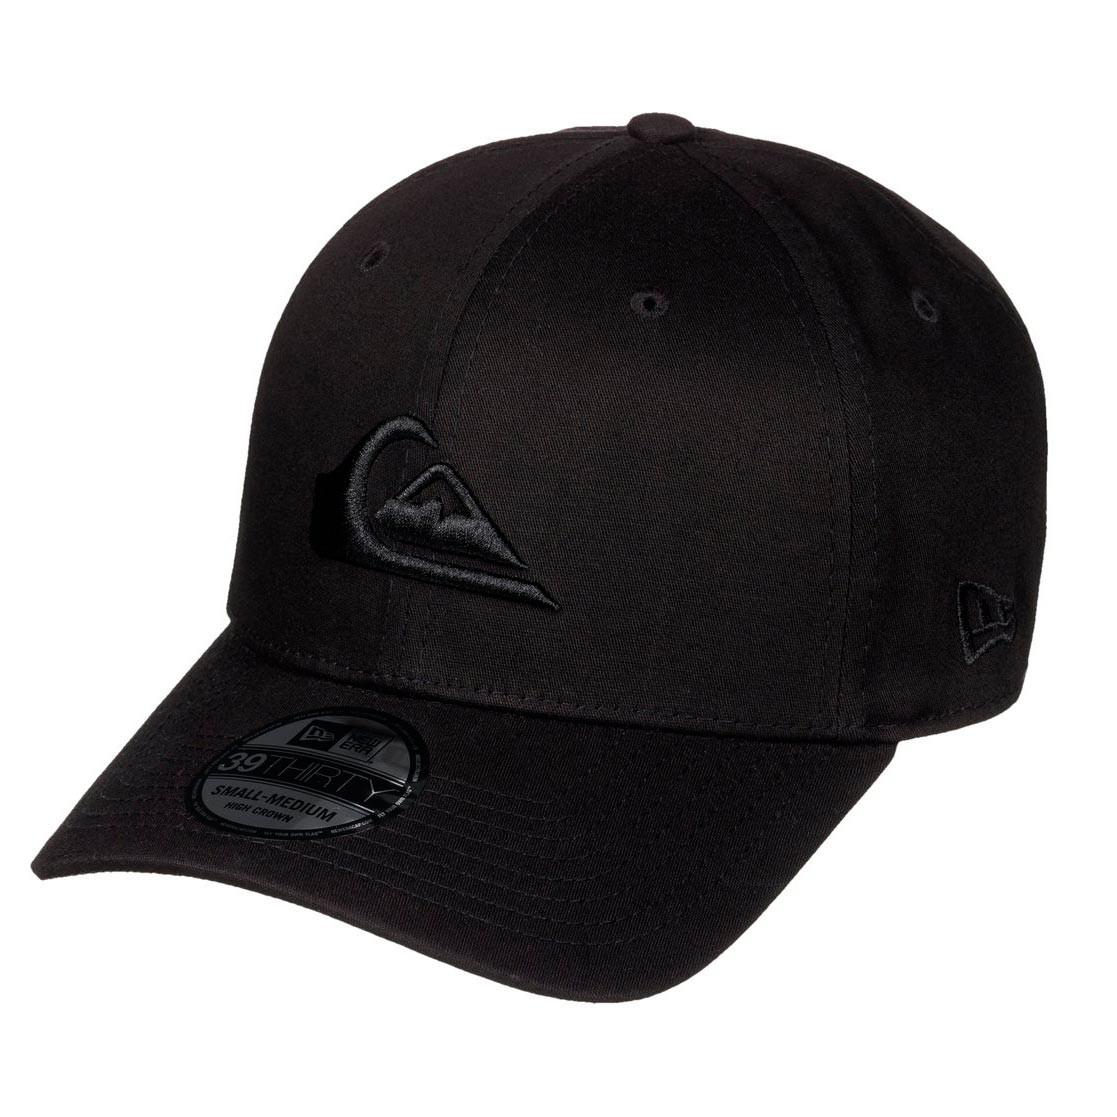 Kšiltovka Quiksilver Mountain & Wave Black black vel.S/M 16 + doručení do 24 hodin